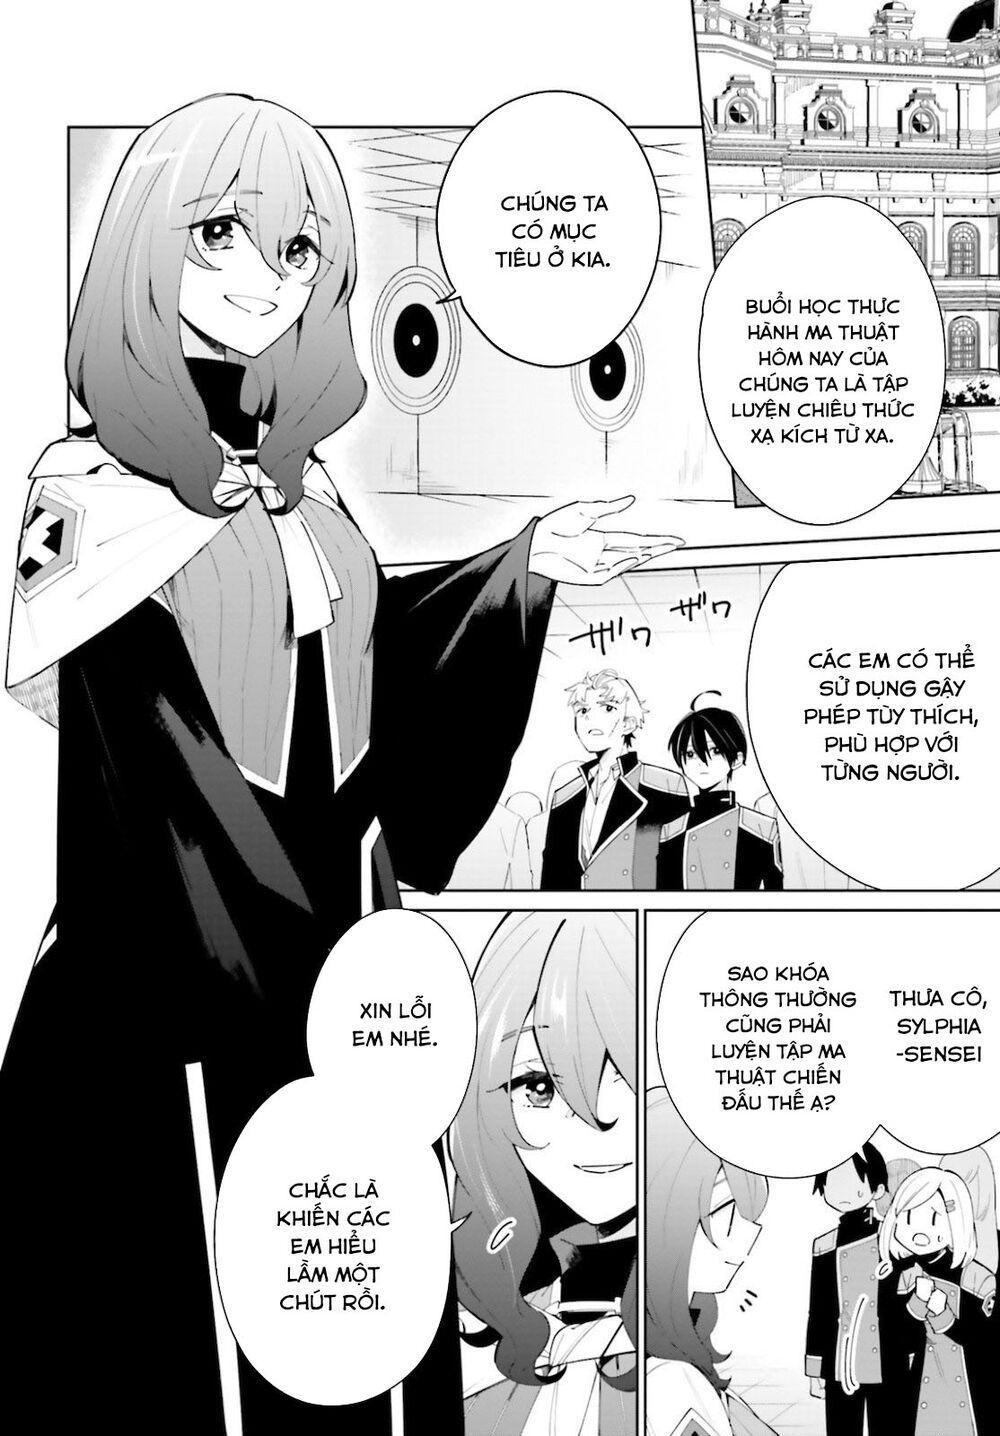 Kage no Eiyuu no Nichijou-tan: Chapter 4